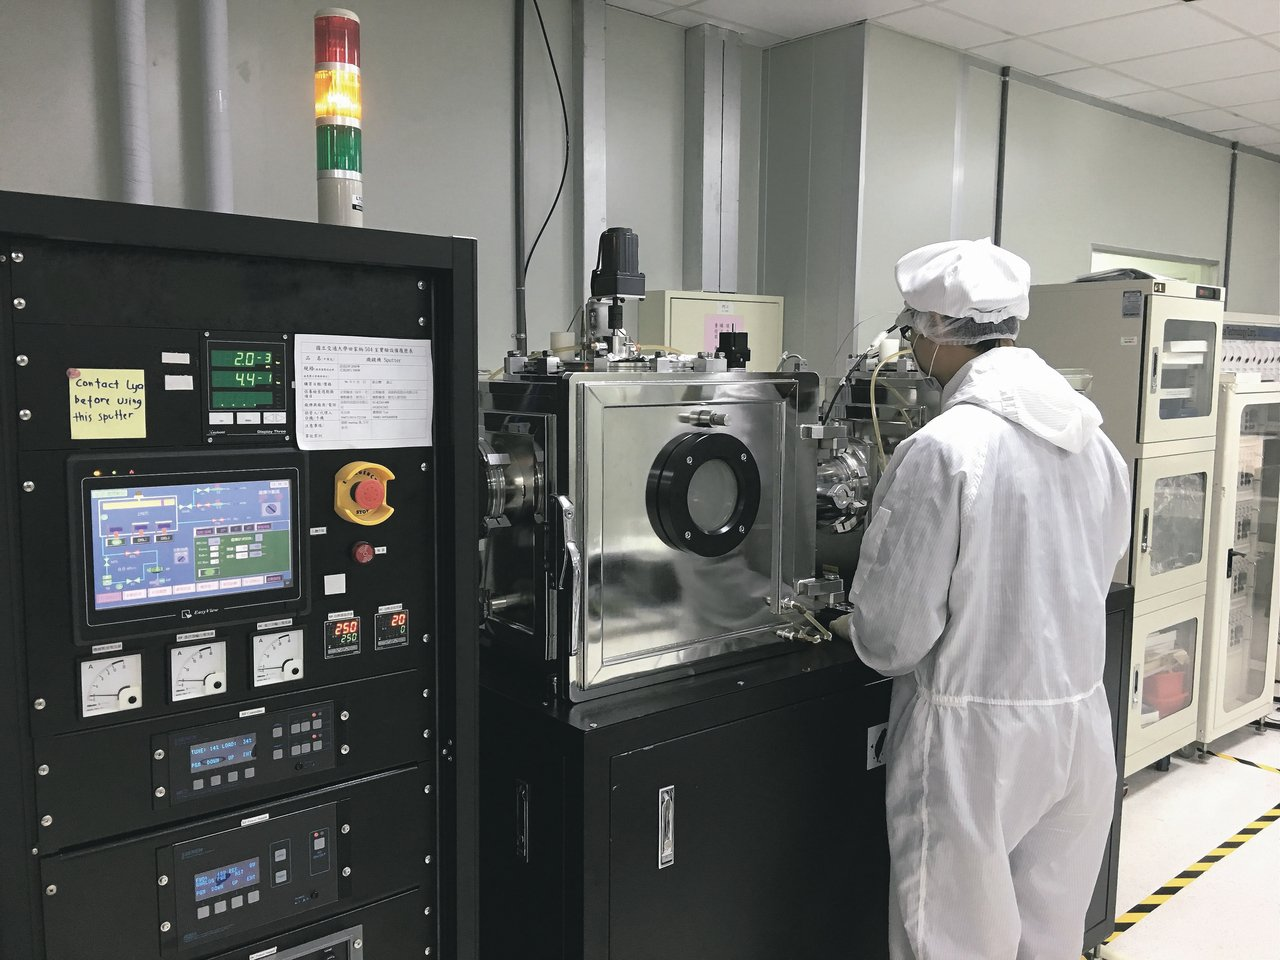 機光科技公司推動鈣鈦礦有機太陽能電池與材料開發計畫,歷經7年研發投入,成功研發出...